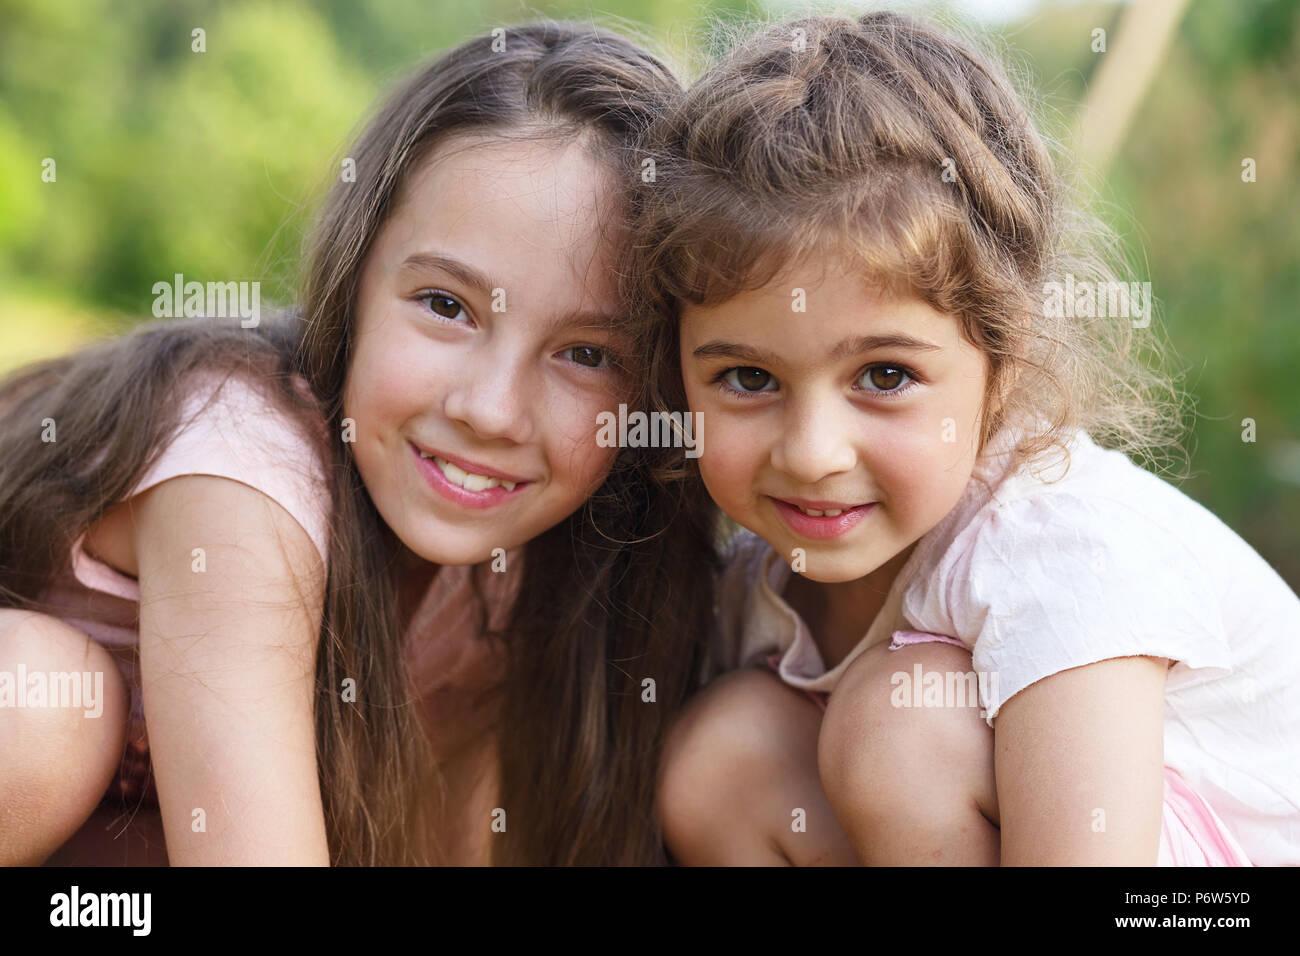 Dos niñas feliz abrazando al verano park Imagen De Stock